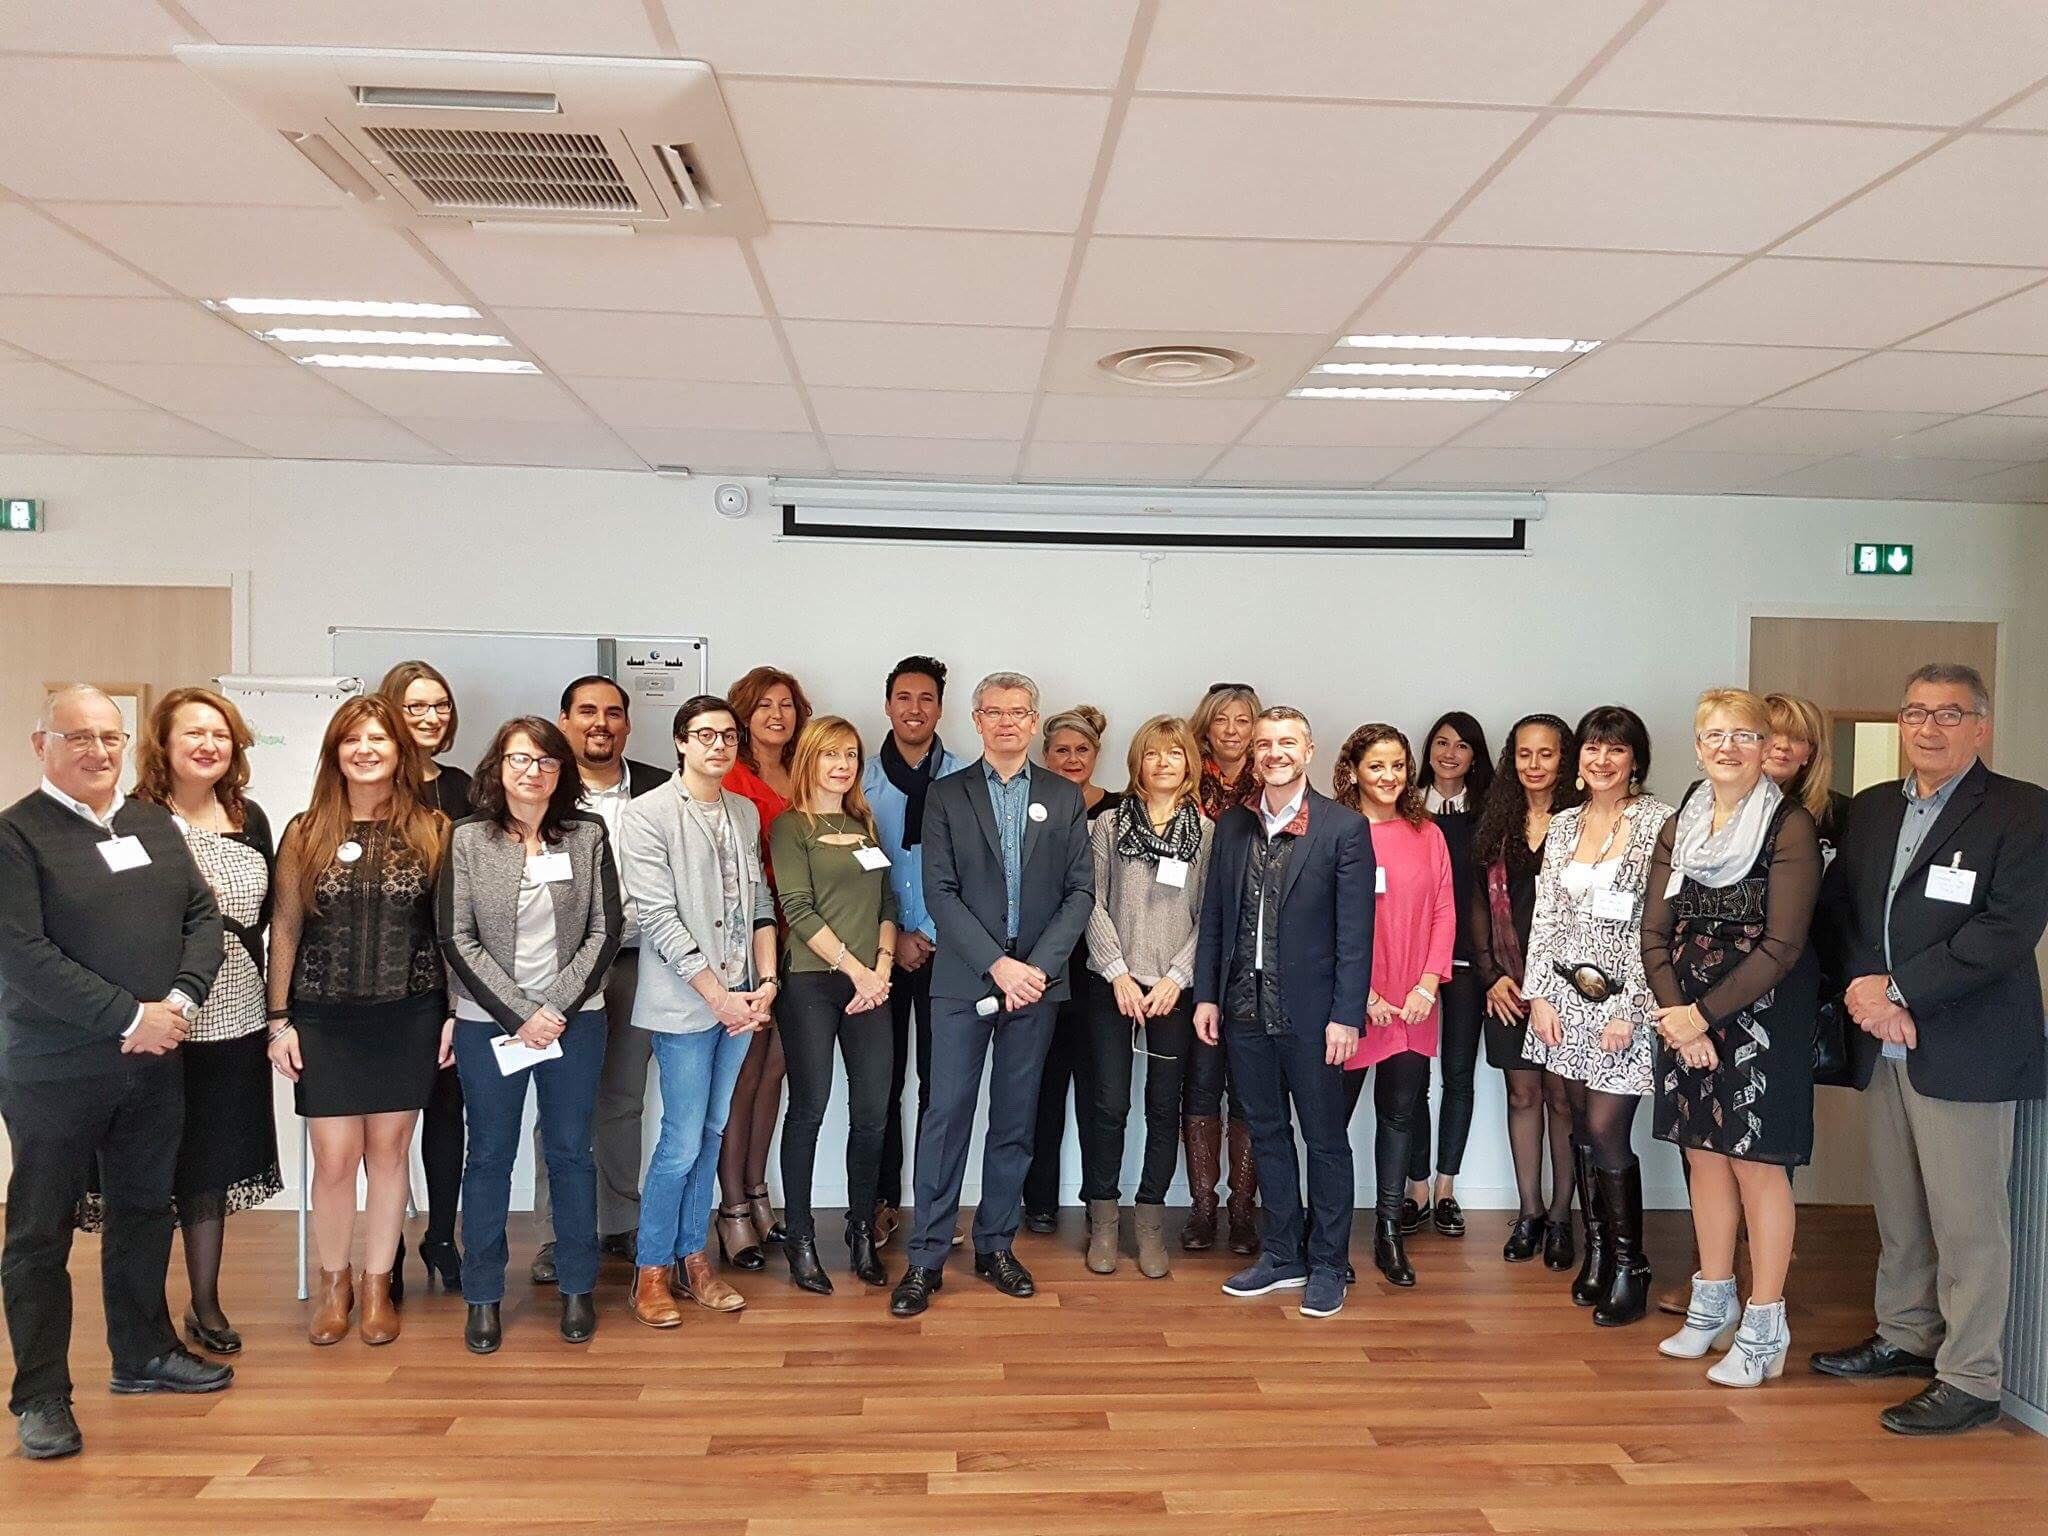 Ce matin à l'agence #PerpignanSantVicens, 10 communes présentes à la présentation de l'offre de service #digitale pour la #semaineip https://t.co/FjZ8MFgIGW